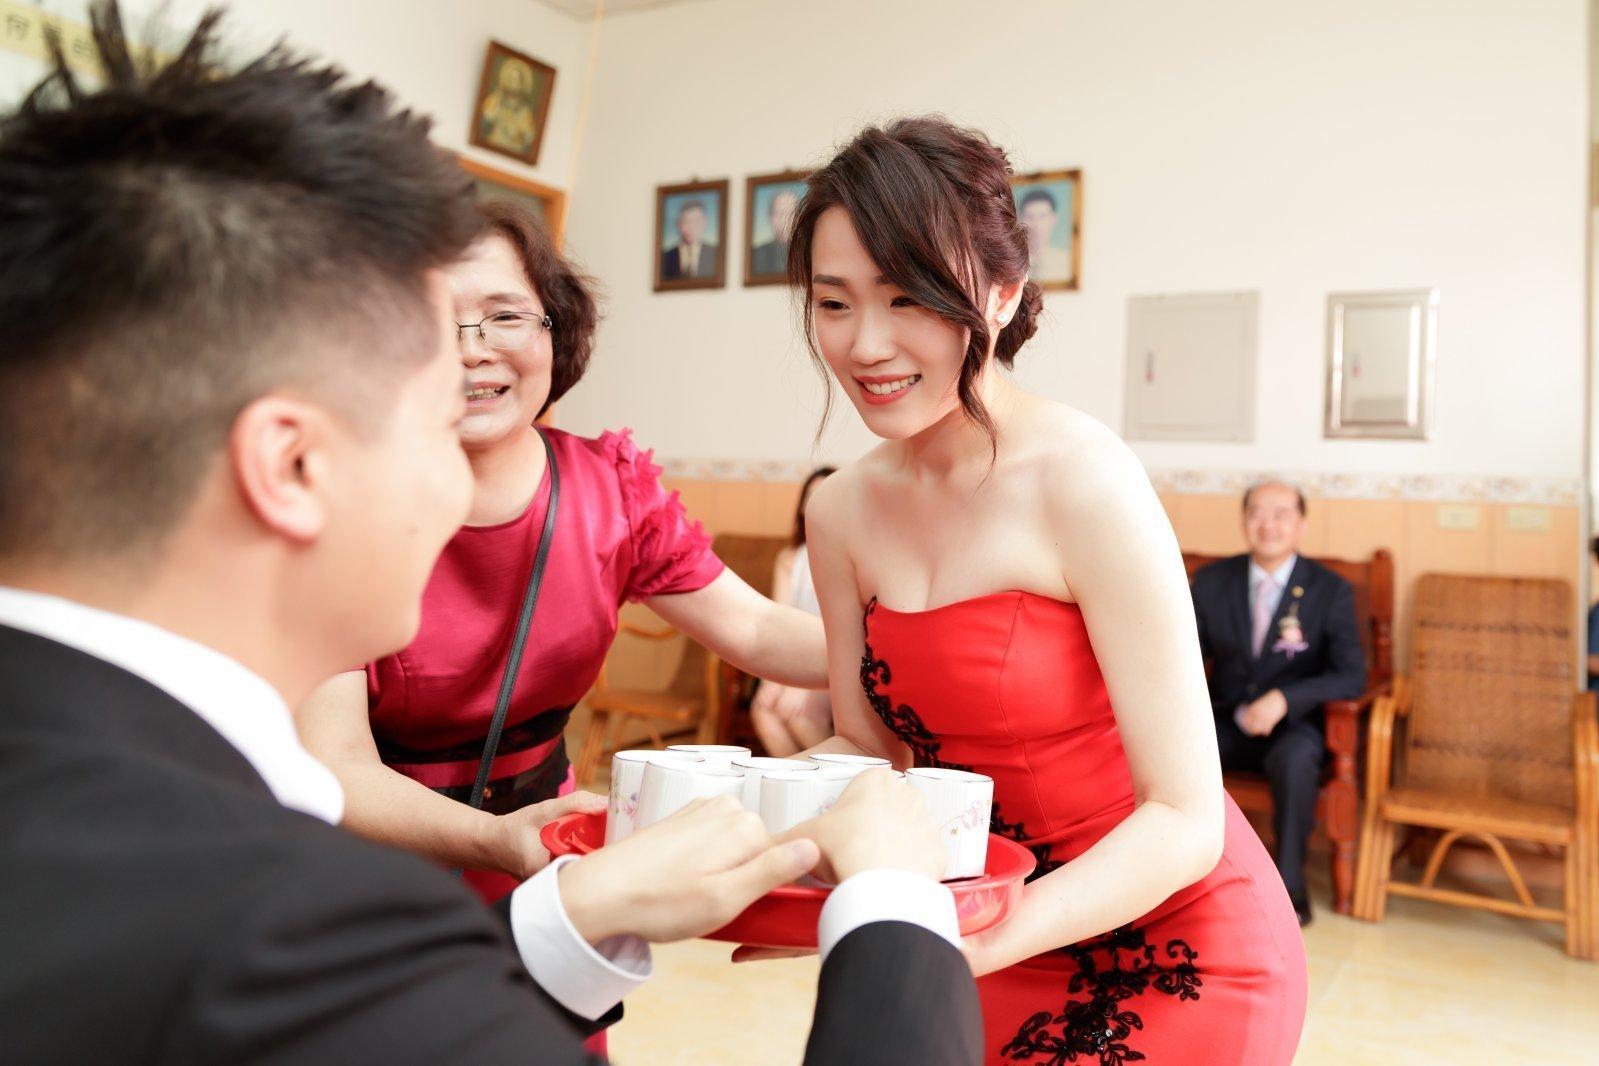 訂婚儀式奉茶,文定儀式奉茶